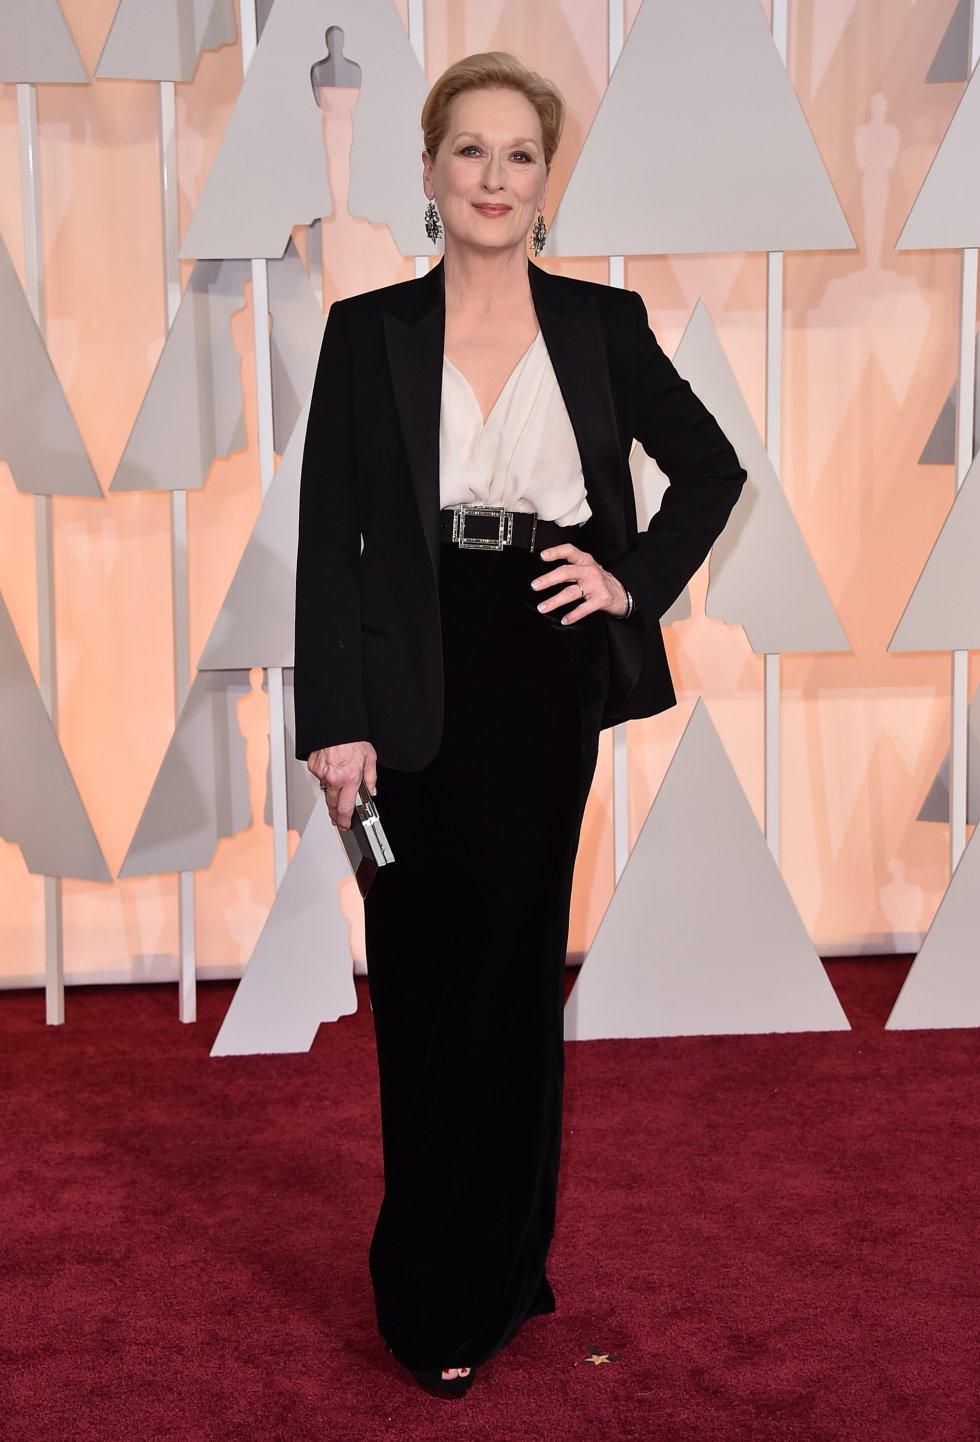 Meryl Streep, con un traje chaqueta negro firmado por Lanvin en la alfombra roja de 2015. La actriz ha ganado tres Oscar y ha estado nominada en 21 ocasiones.